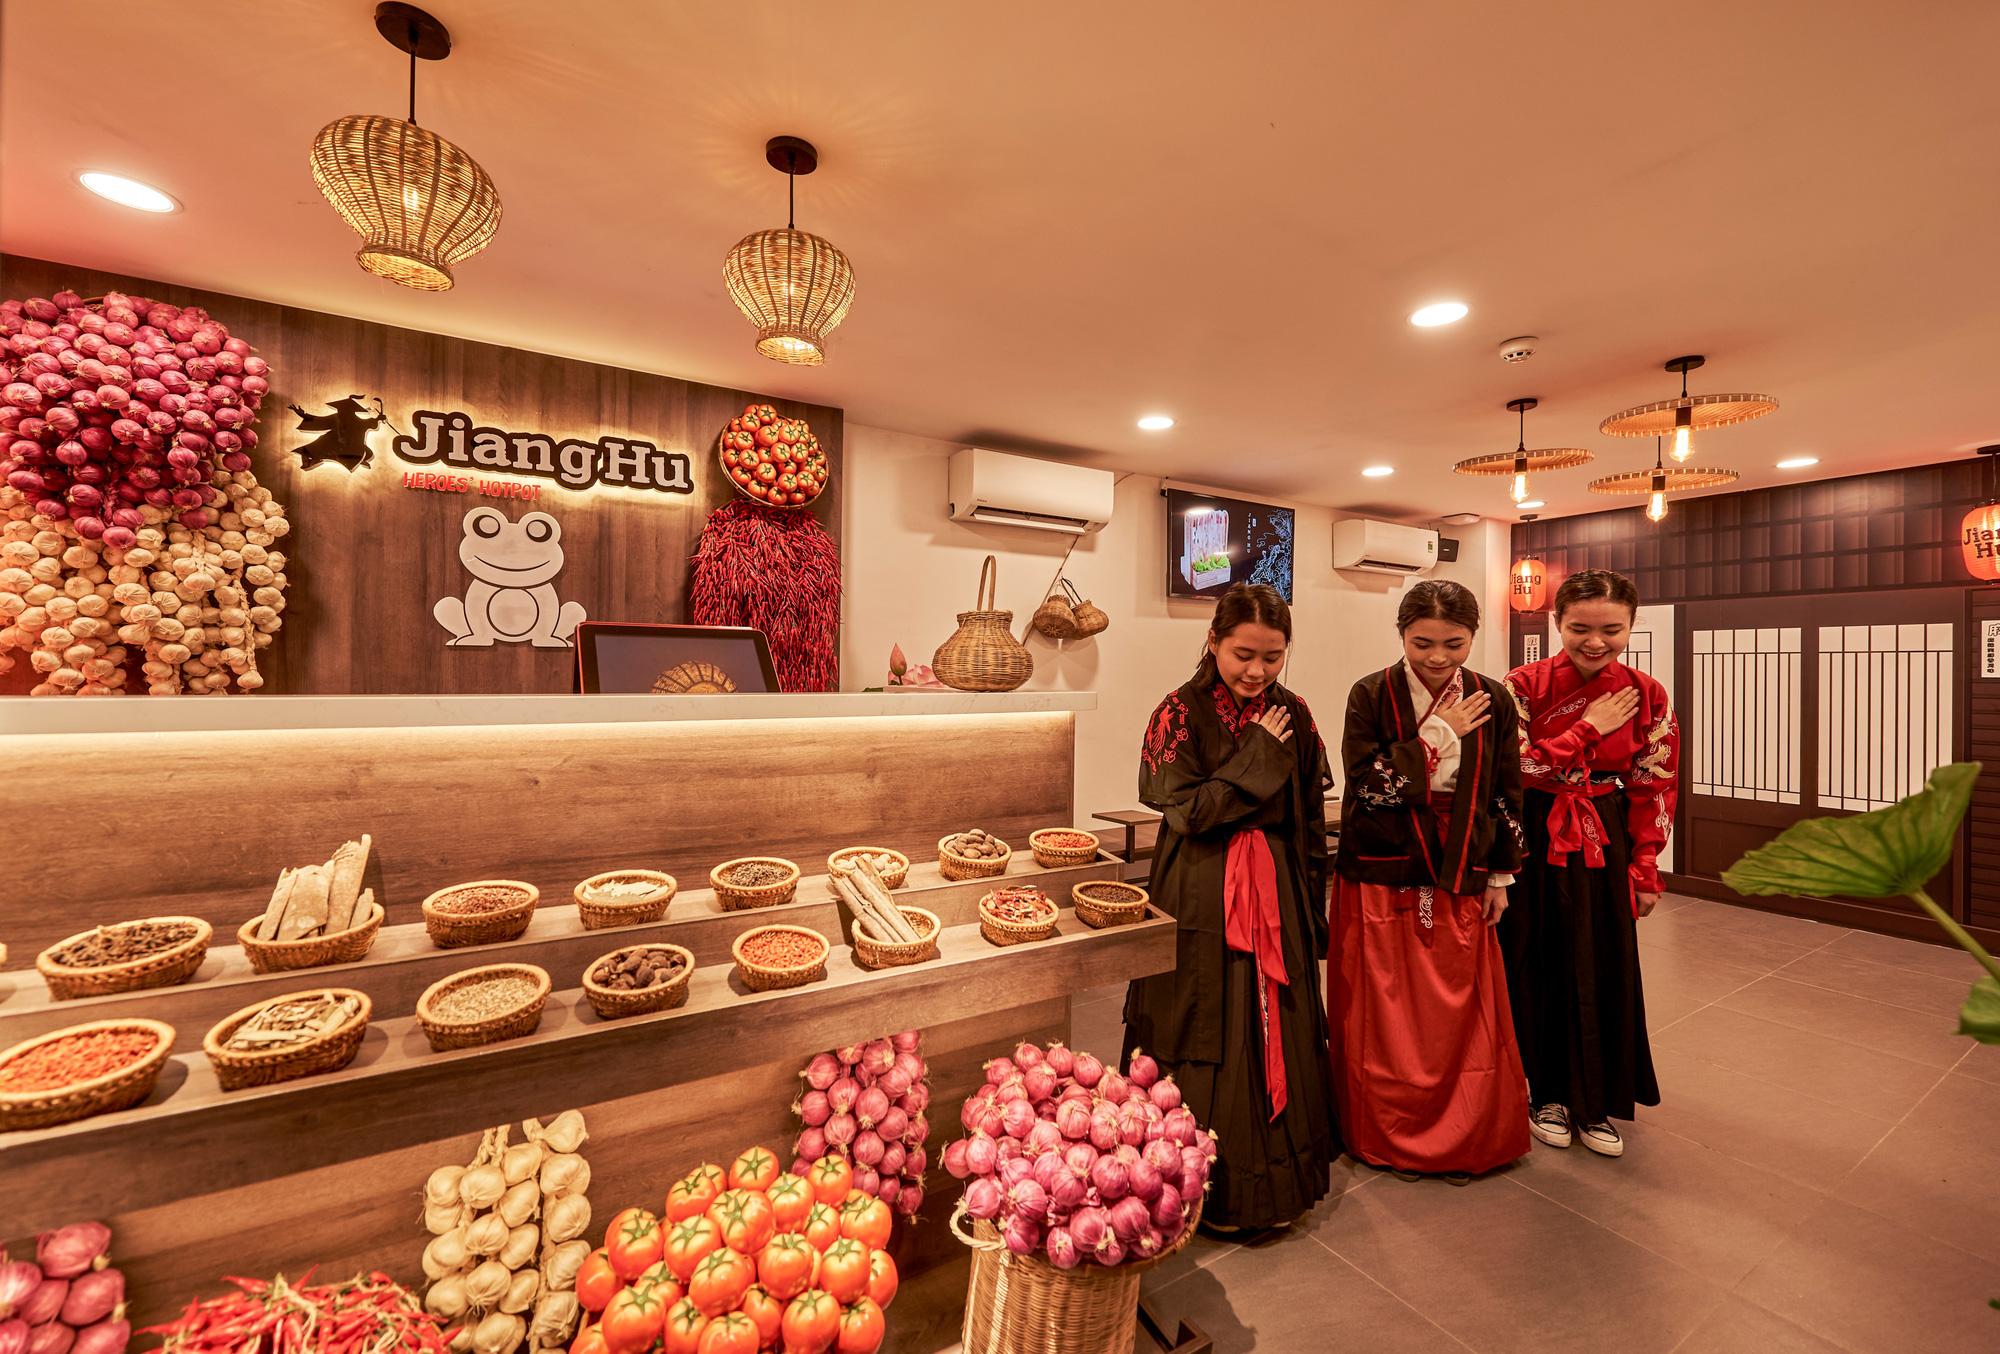 """Hé lộ không gian cổ trang """"hội ngộ kỳ tài"""" và thưởng thức """"buffet lẩu ếch"""" Jiang Hu mới lạ tại Sài thành - Ảnh 1."""